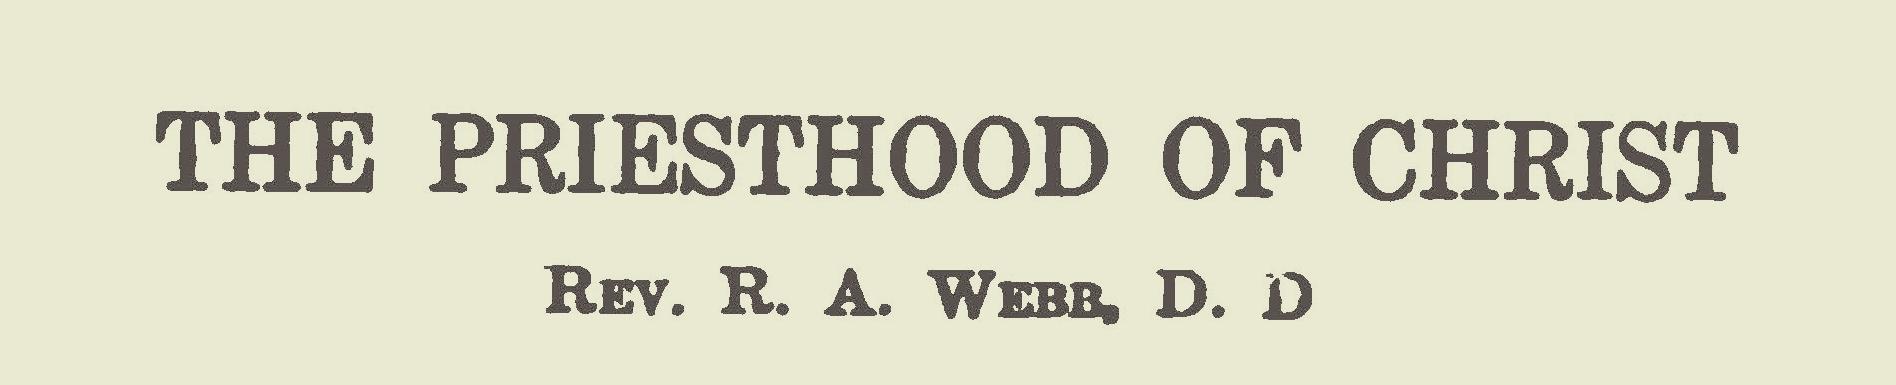 Webb, Robert Alexander, The Priesthood of Christ Title Page.jpg